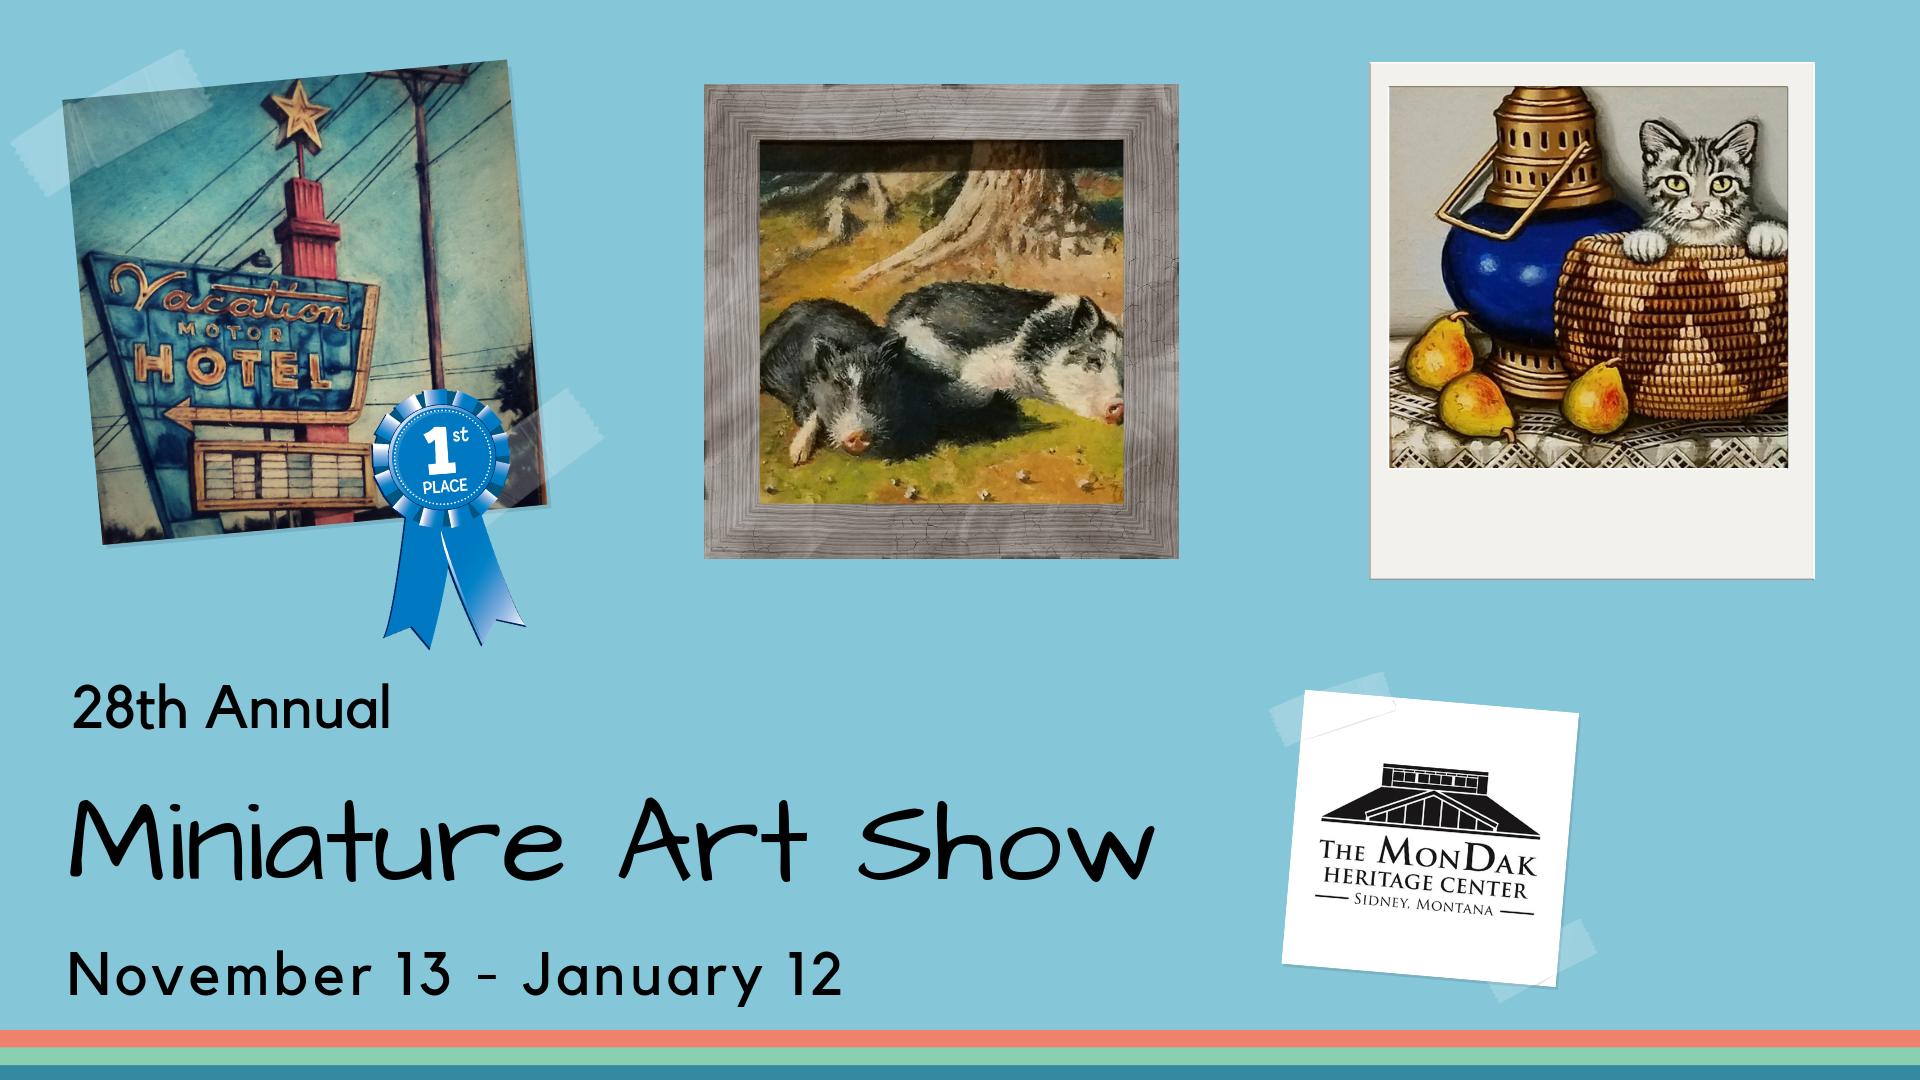 Miniature Art Show